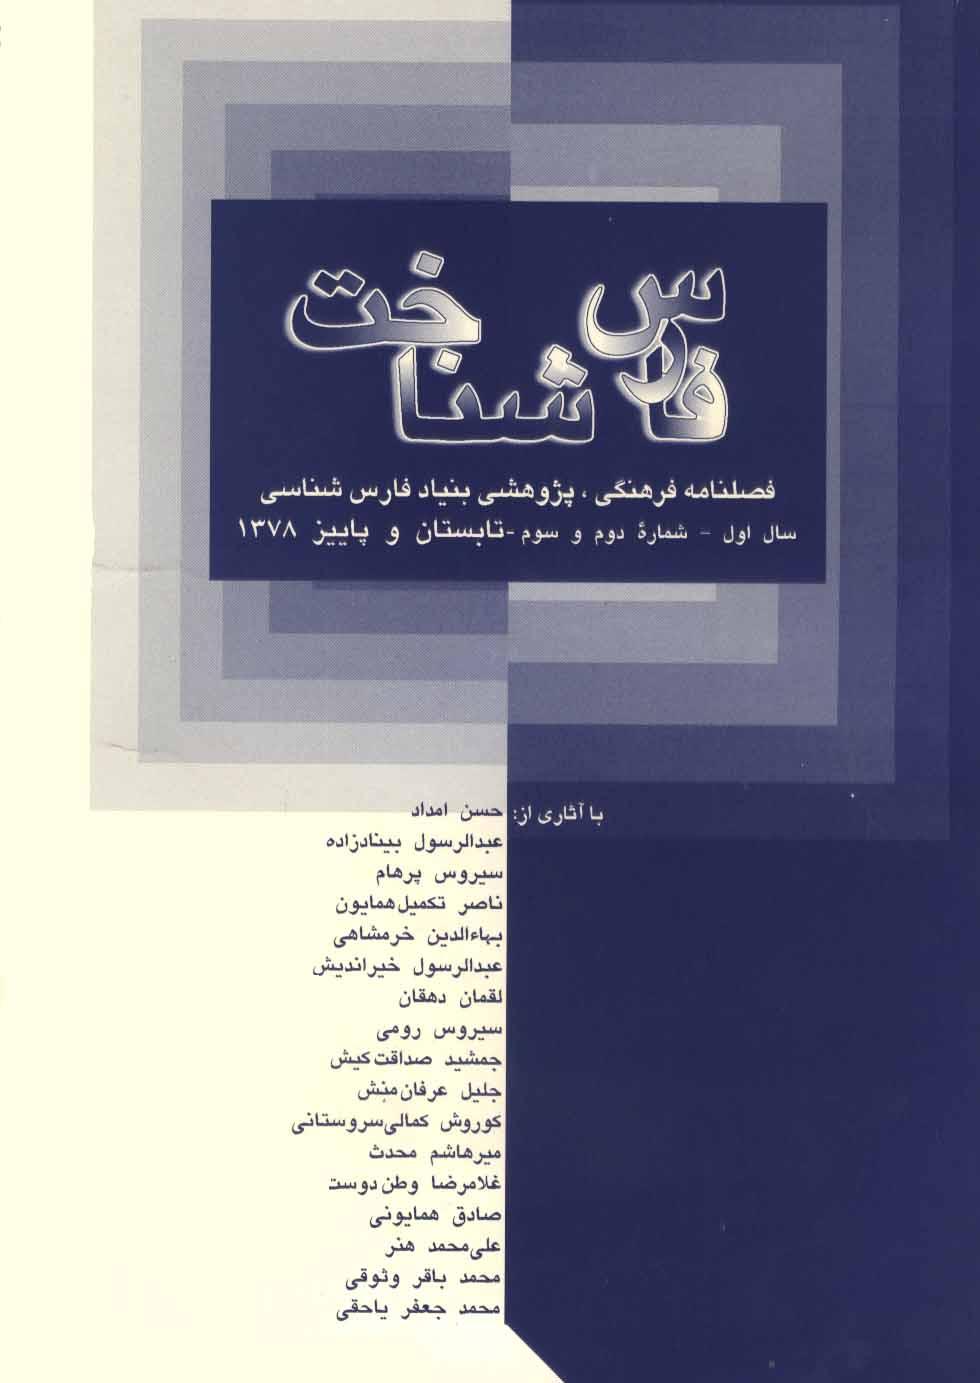 فارسشناخت ـ سال اول ـ شماره دوم و سوم، تابستان و پاييز،  1378